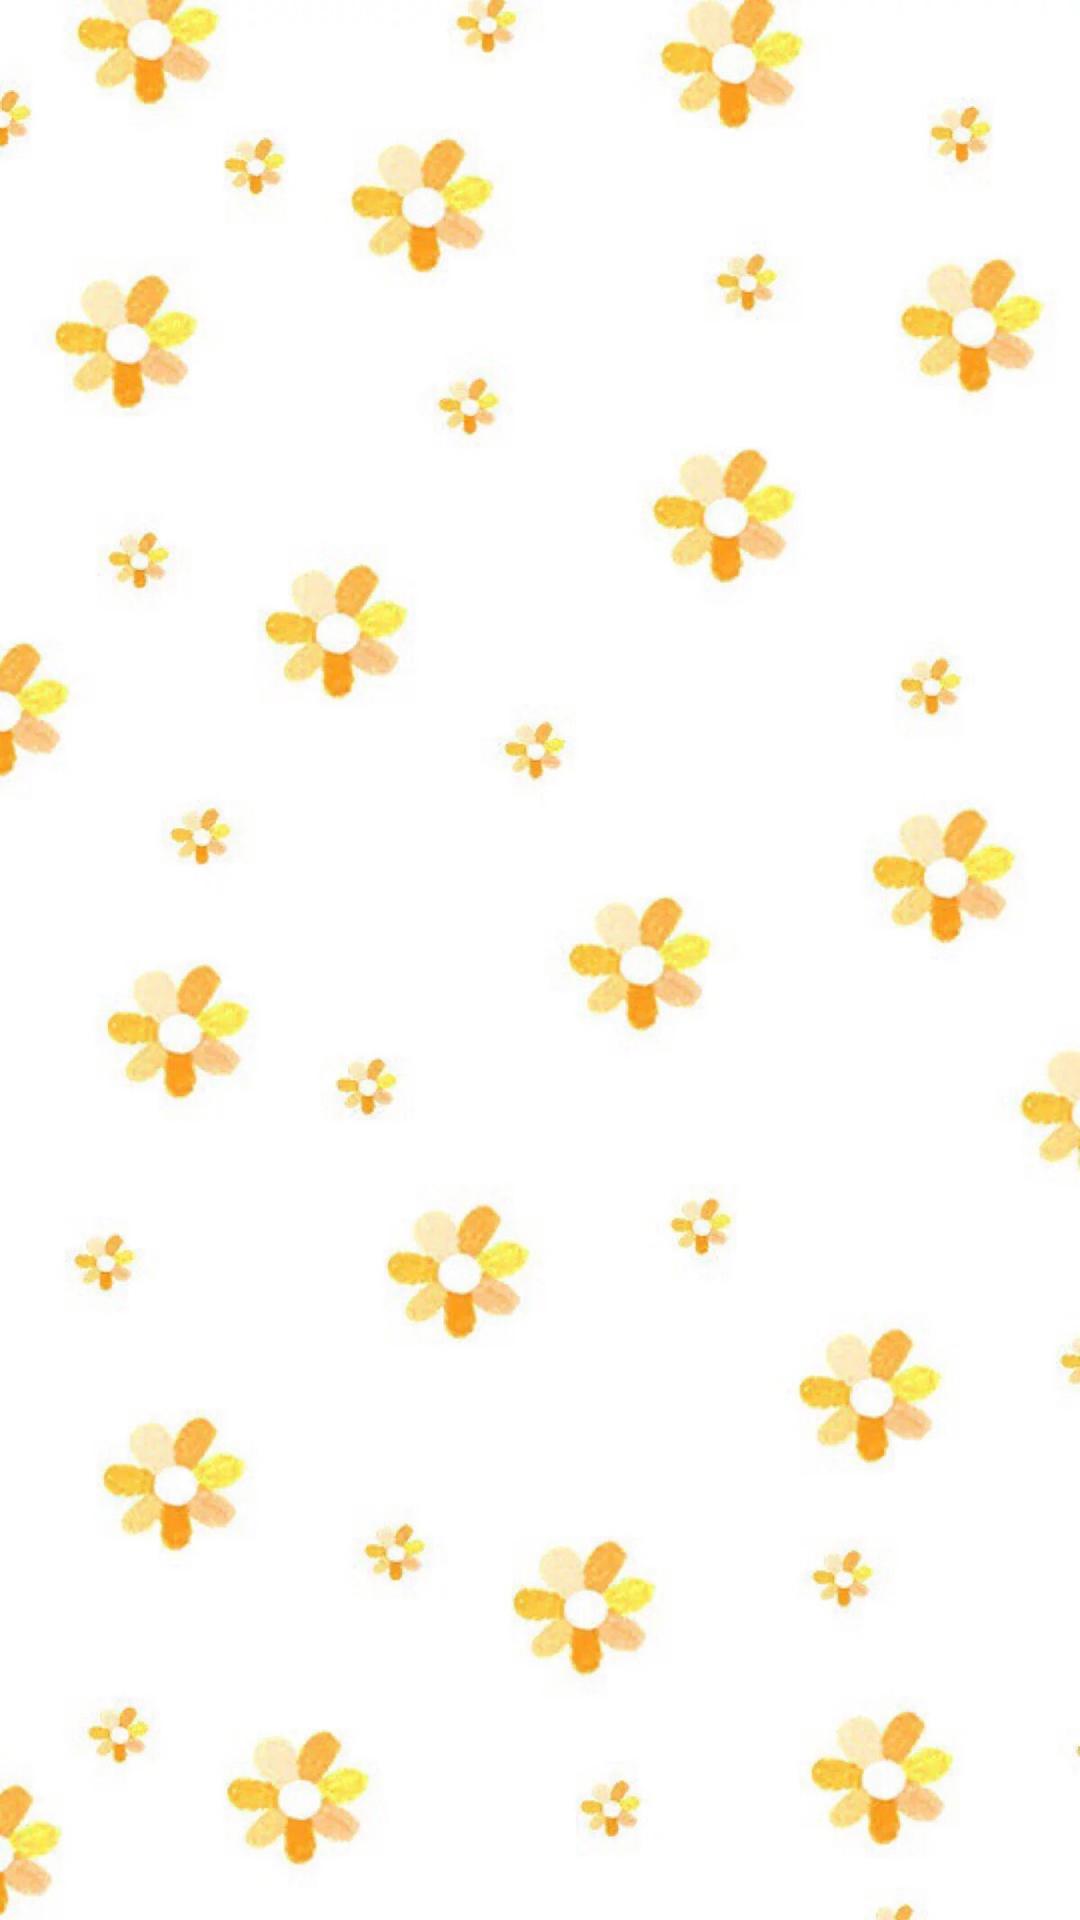 平铺 黄花 小花 屏保 苹果手机高清壁纸 1080x1920